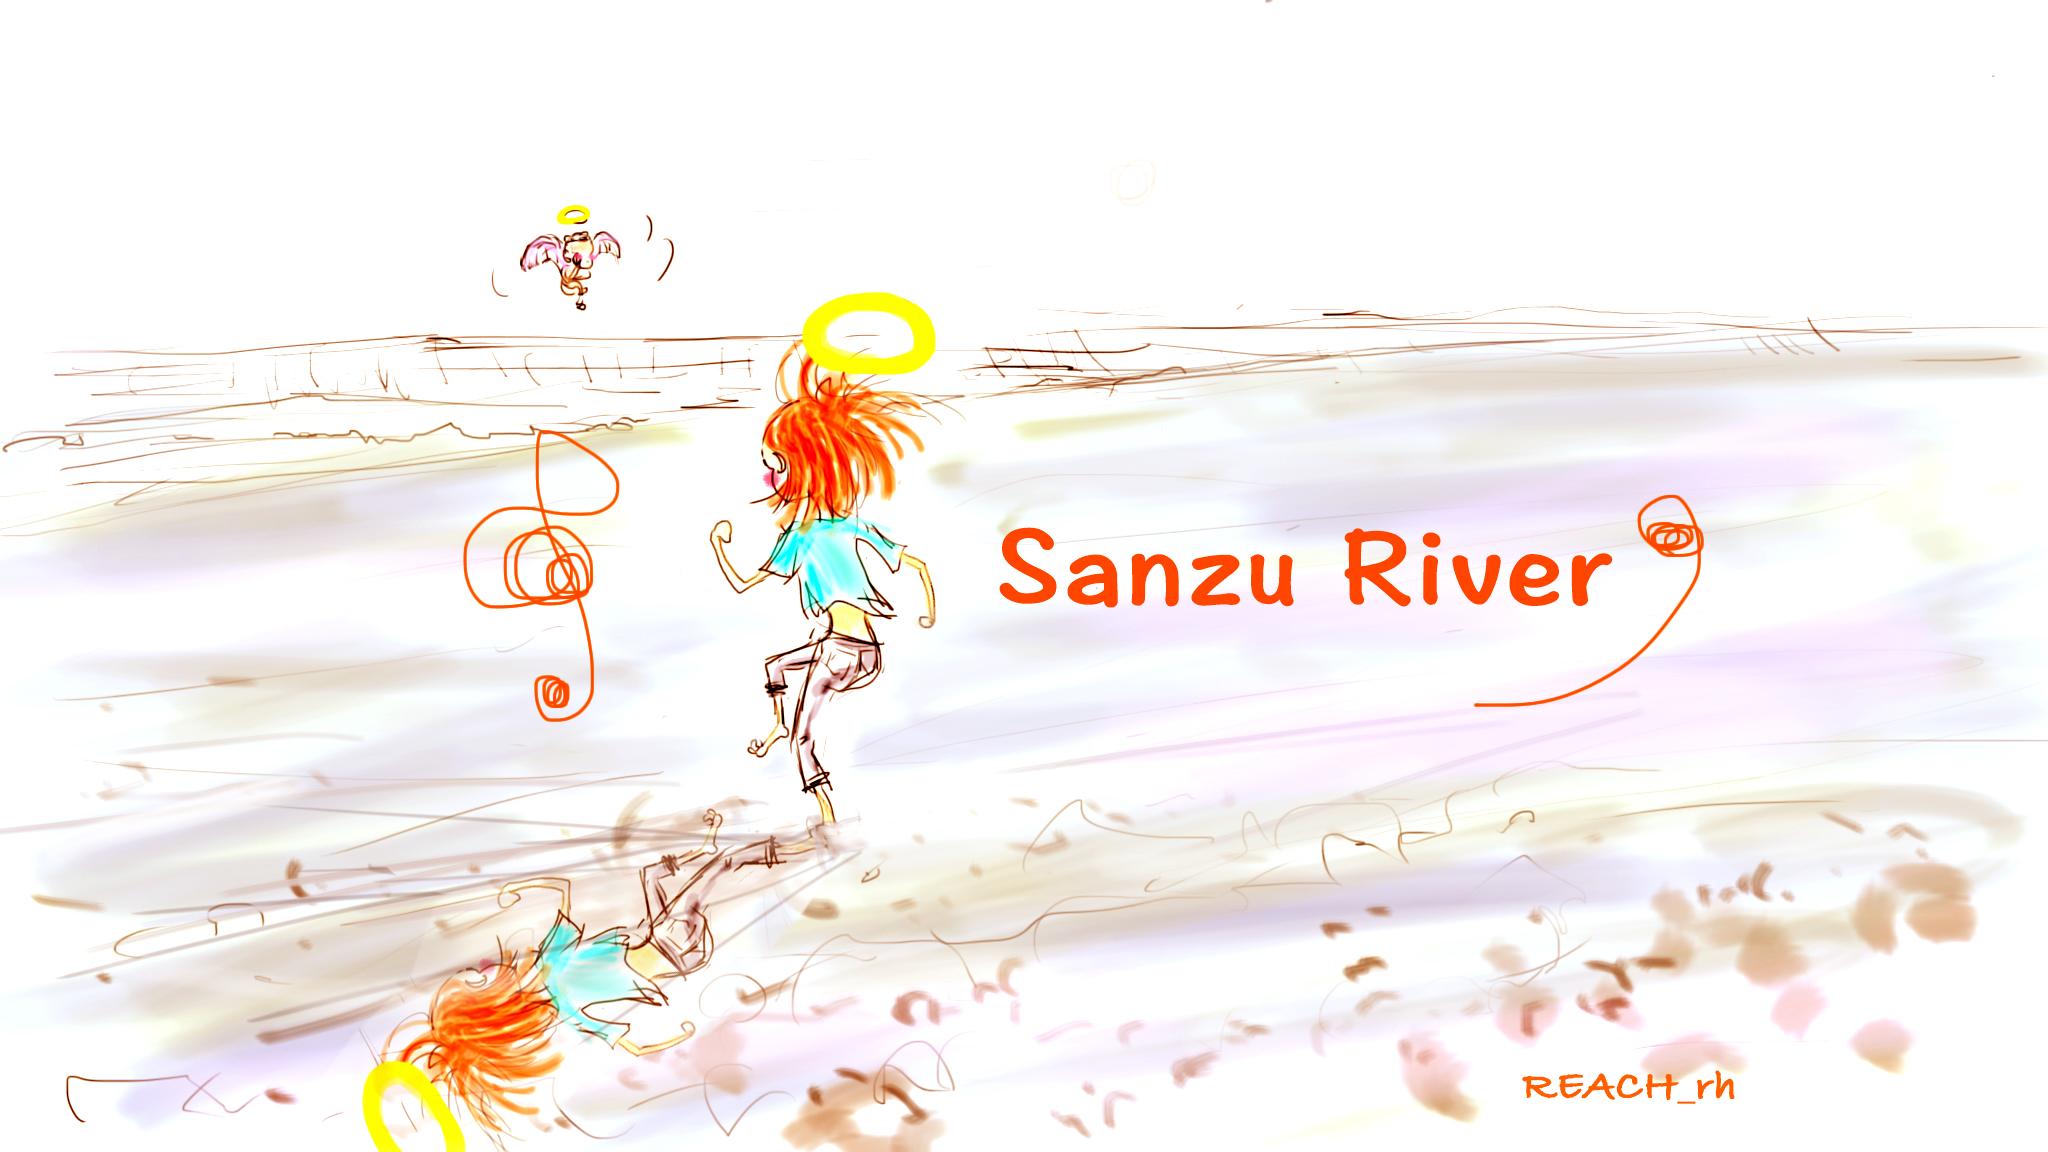 Sanzu River